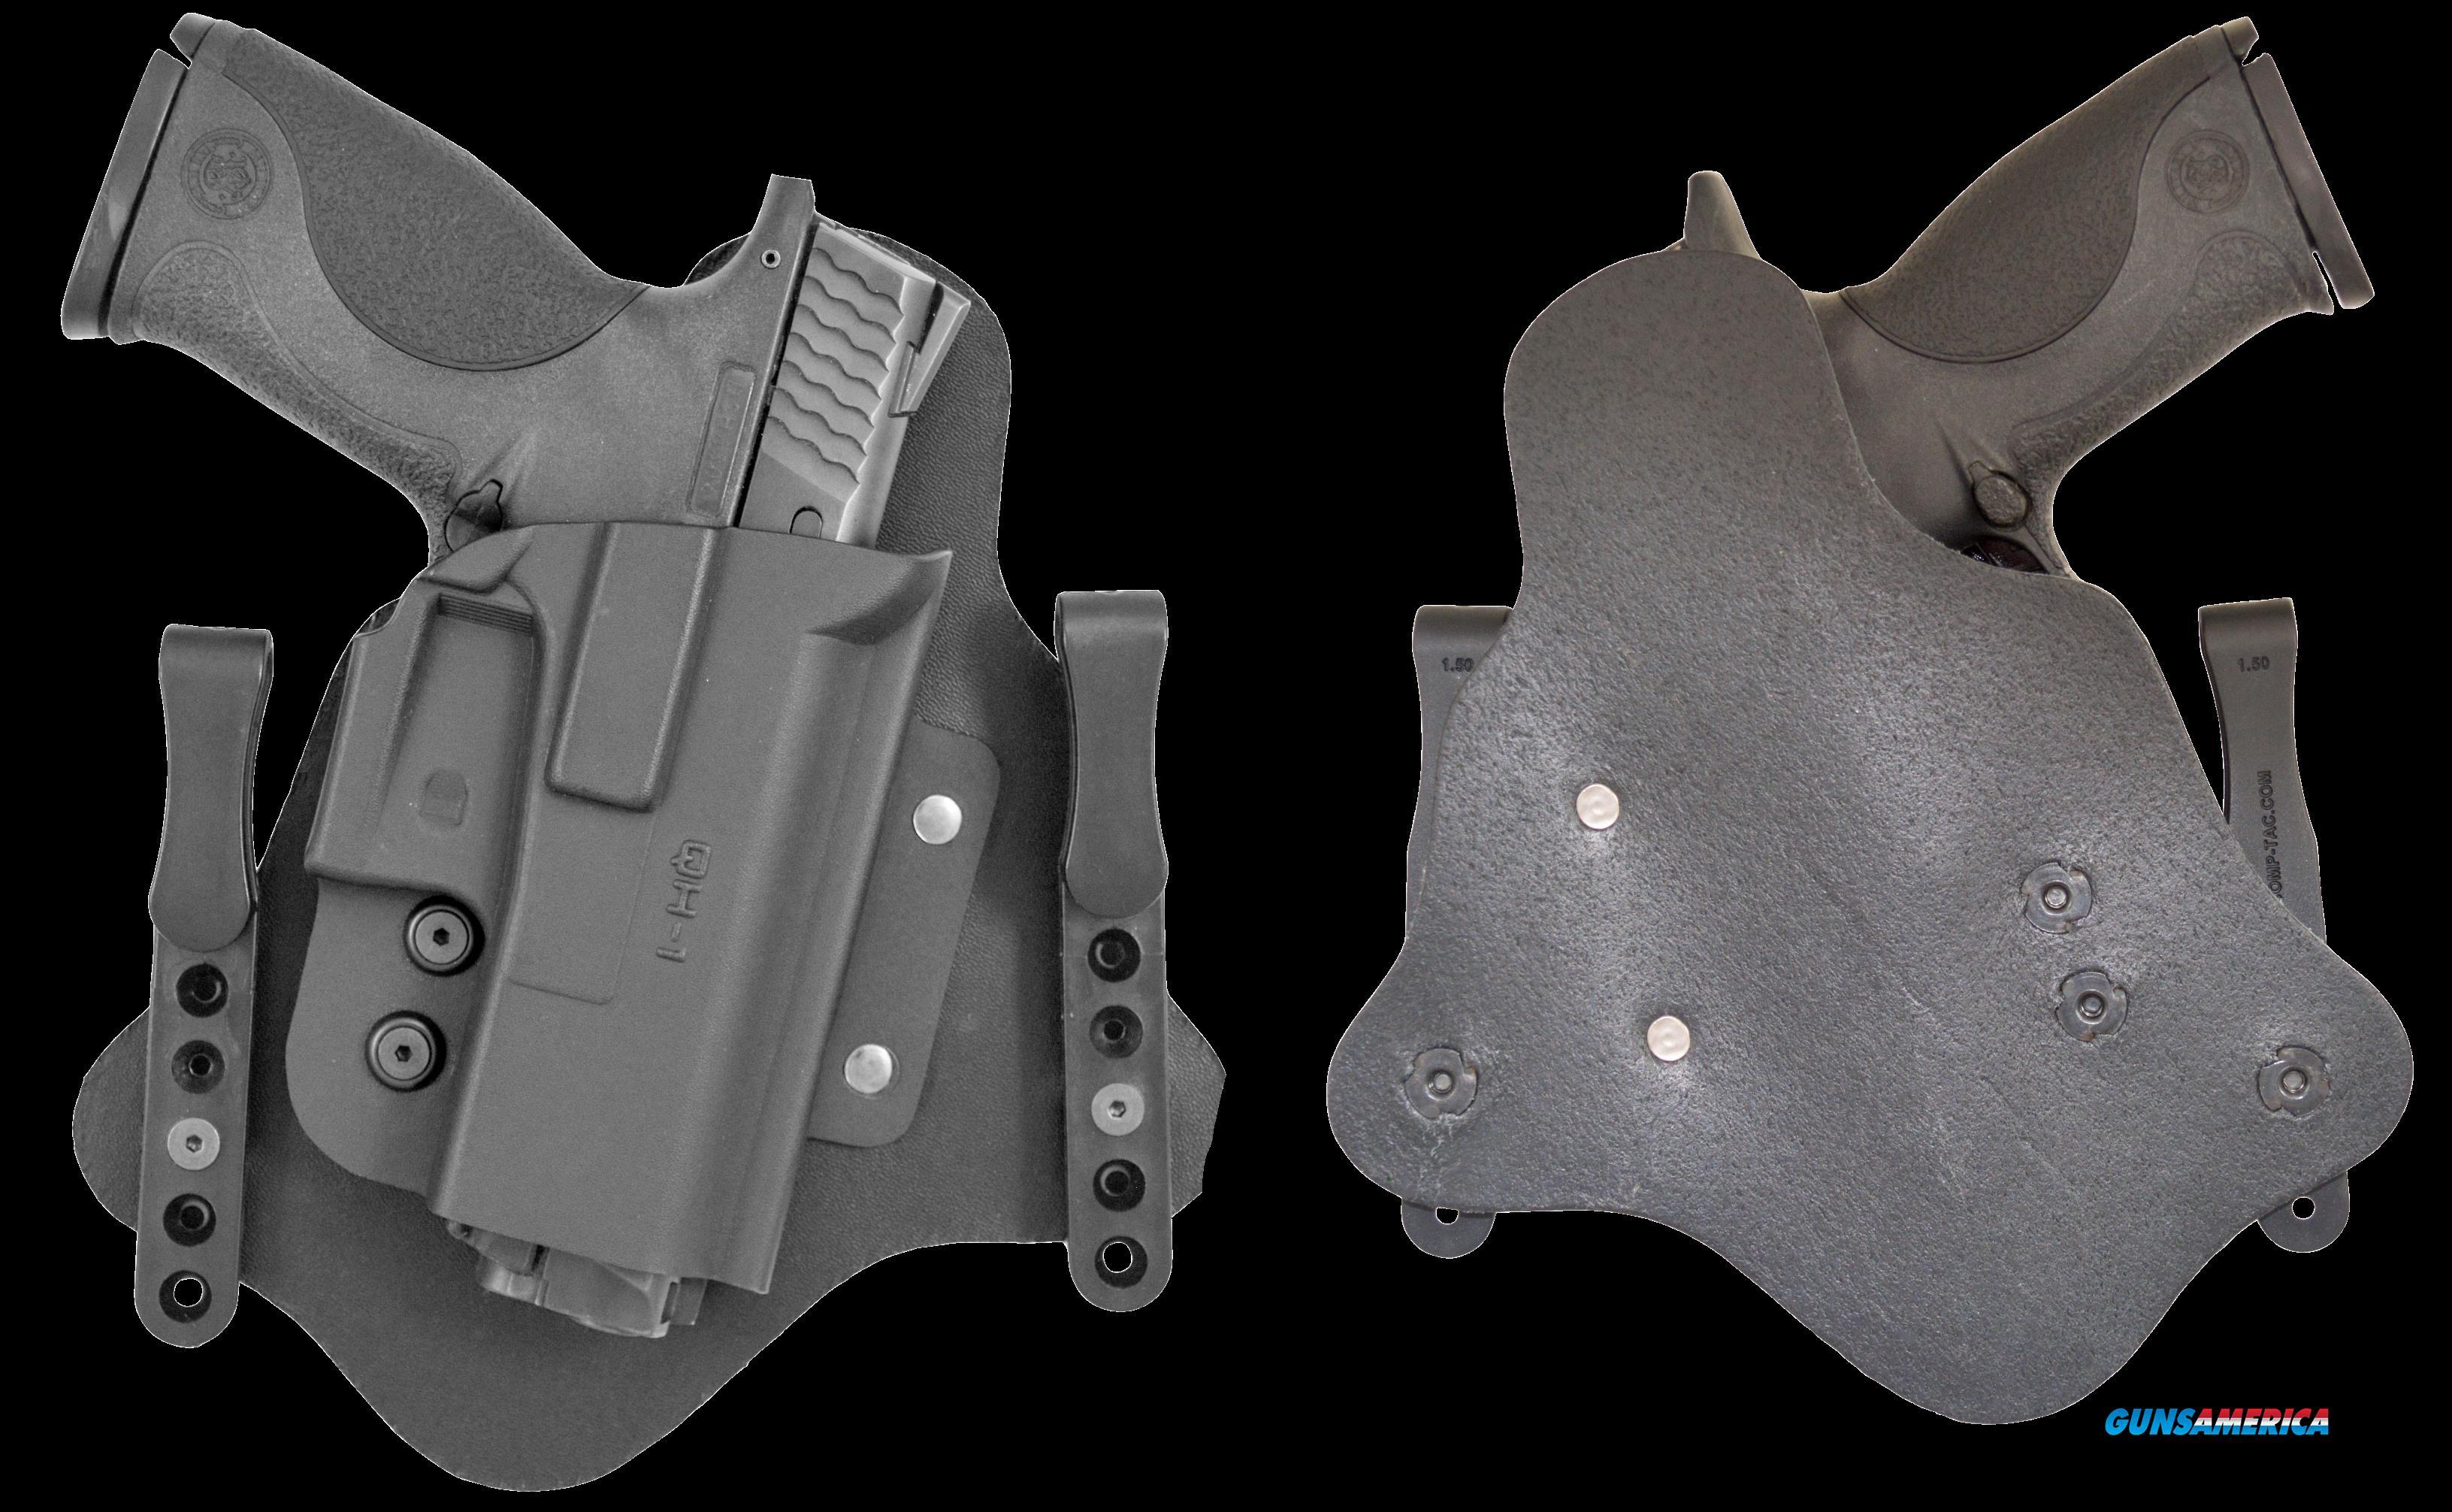 Comp-tac Qh, Comptac Qh Iwb Hybrid Hlstr Size 4  Guns > Pistols > 1911 Pistol Copies (non-Colt)